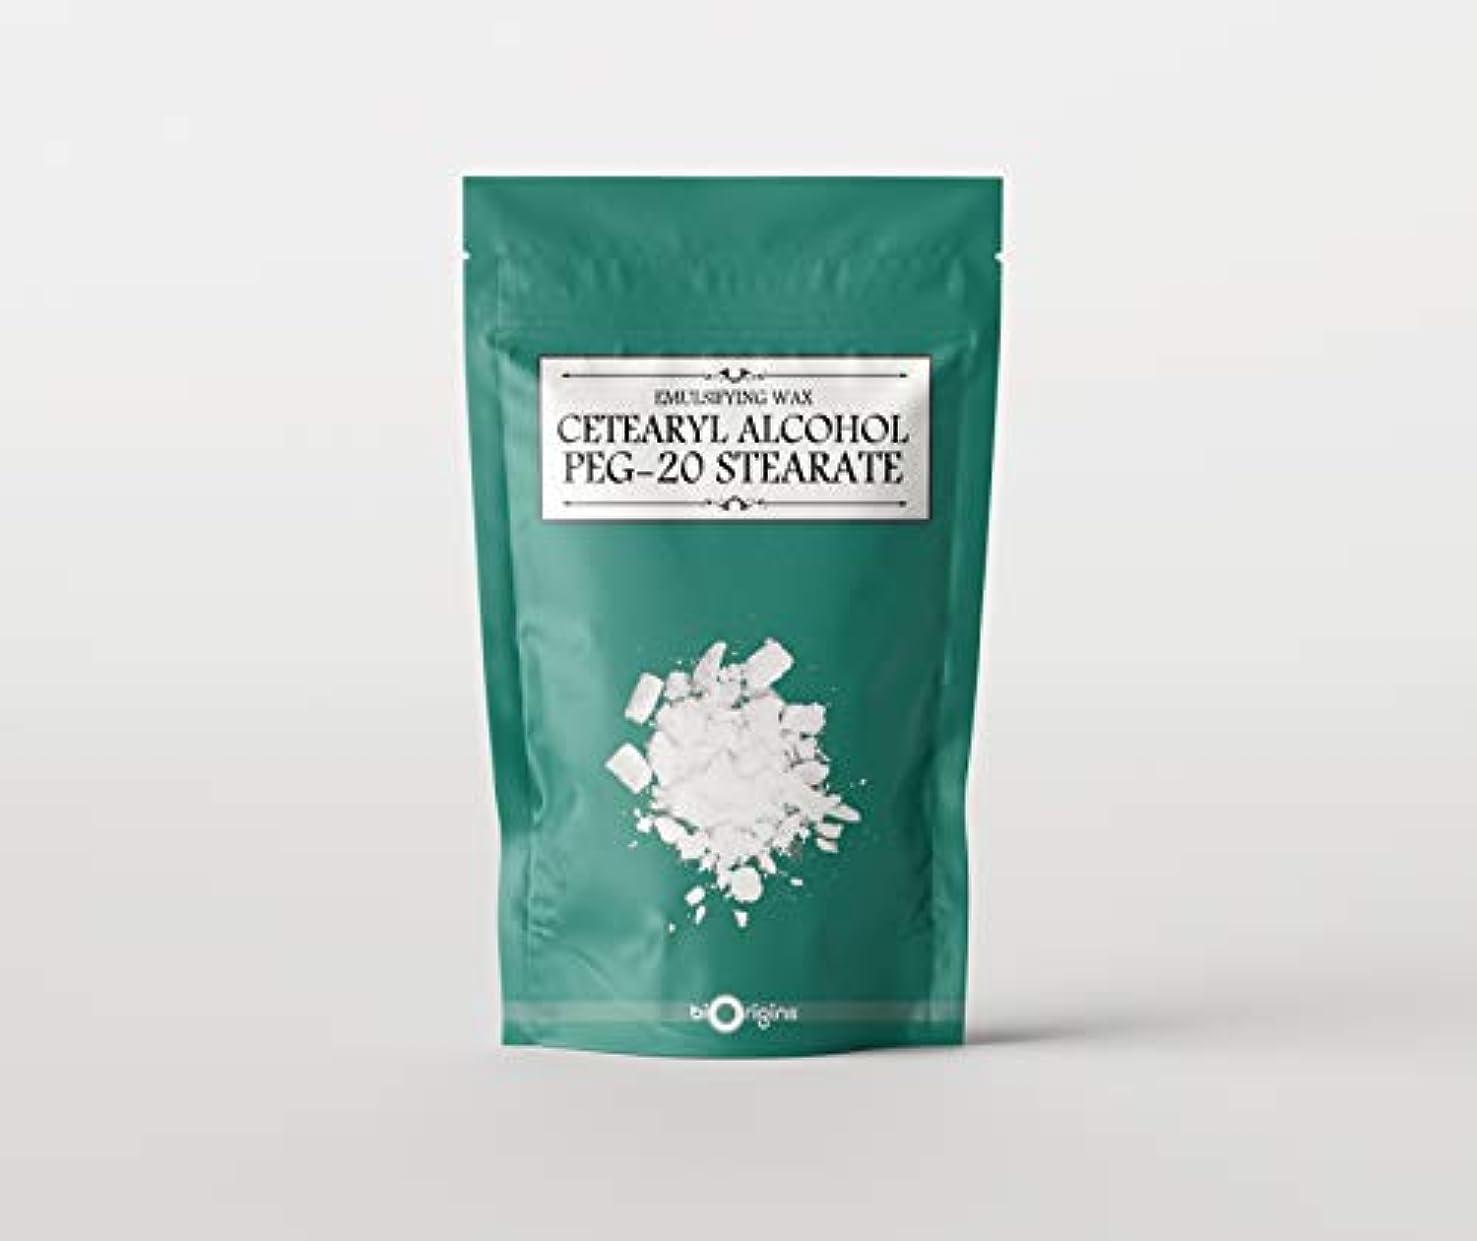 液体安全なレタッチEmulsifying Wax (Cetearyl Alcohol/PEG-20 Stearate) 500g